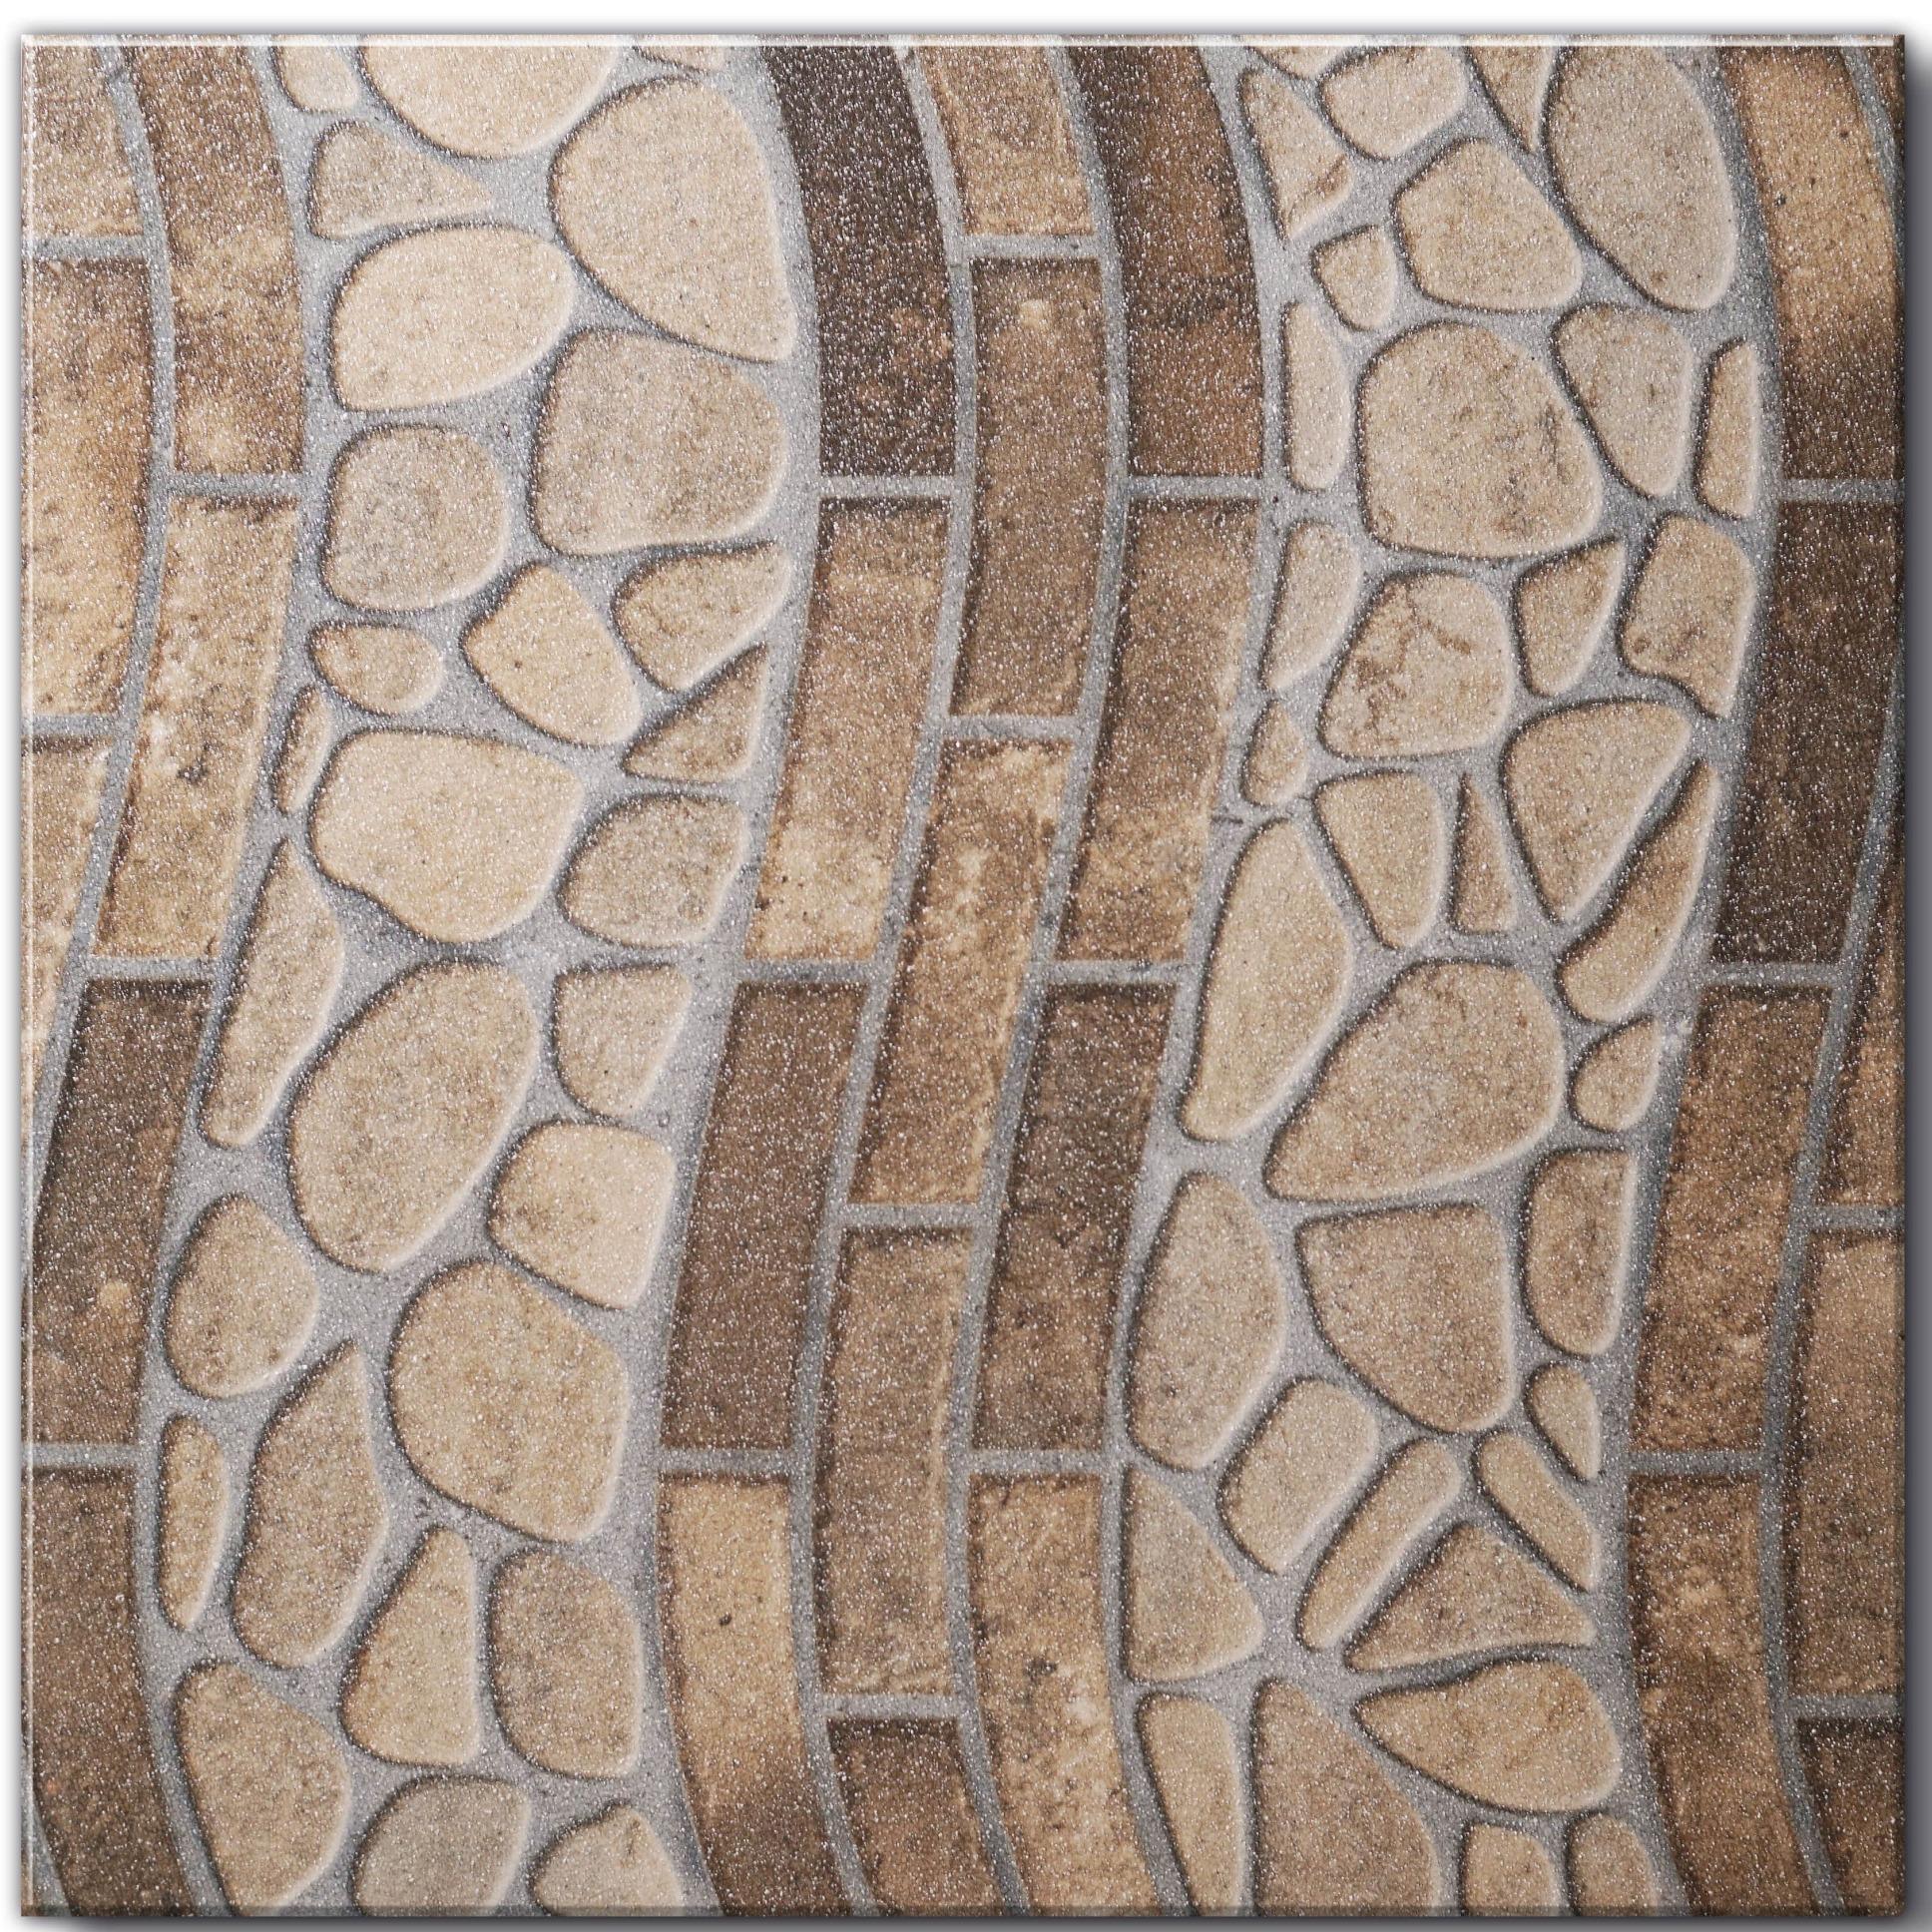 Ceramica Limoeiro Tipo A 42x42cm Marrom 2 m - 17670 - Porto Rico